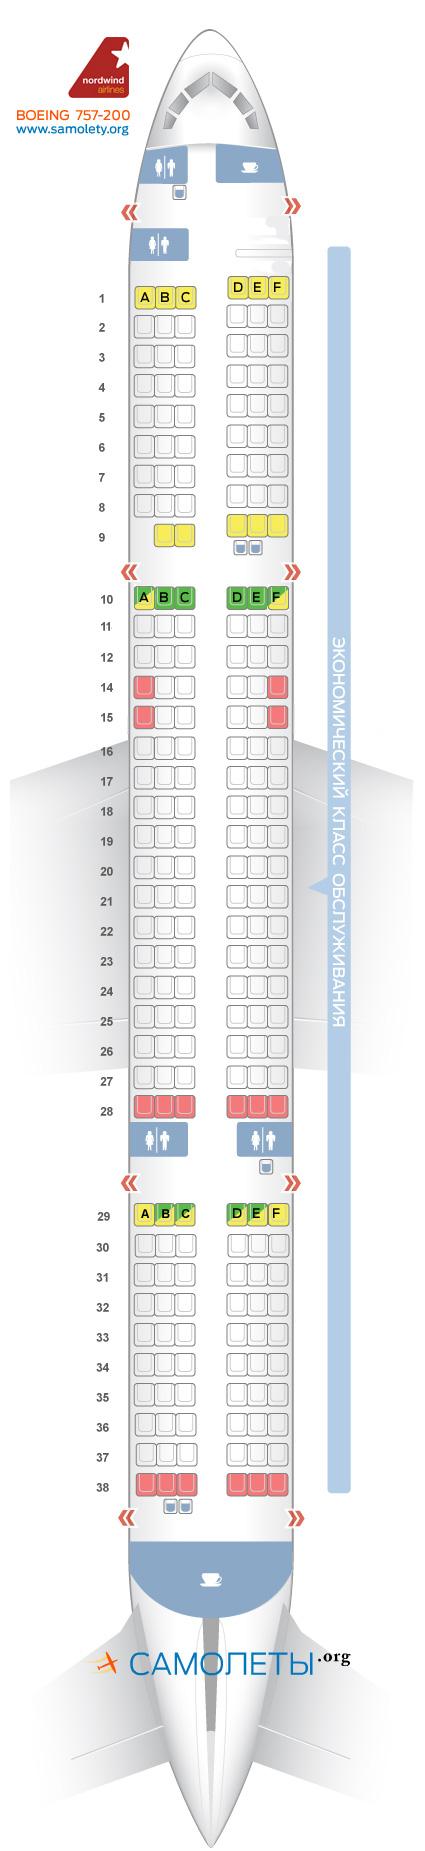 Схема Nordwind Boeing 757-200